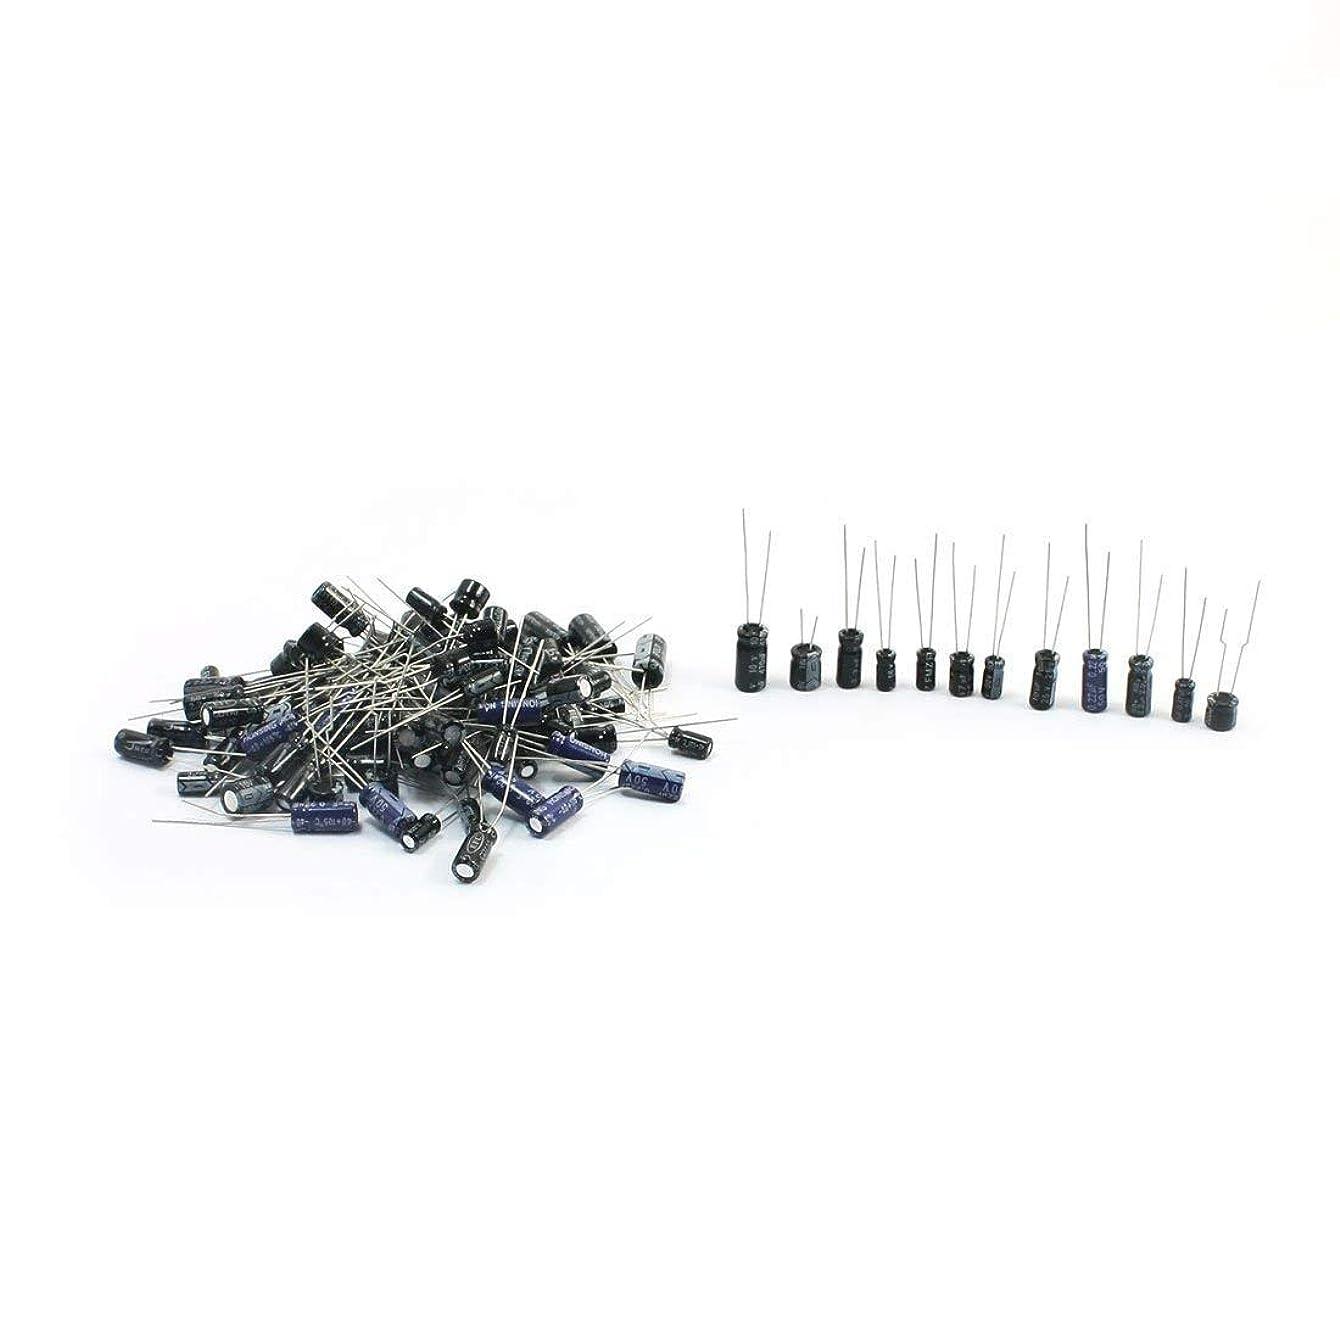 ジャンル熟考する先入観電子太郎 120PCS 電子部品バッグ 0.22uf-470uf 電解コンデンサ 12種類各10pcs